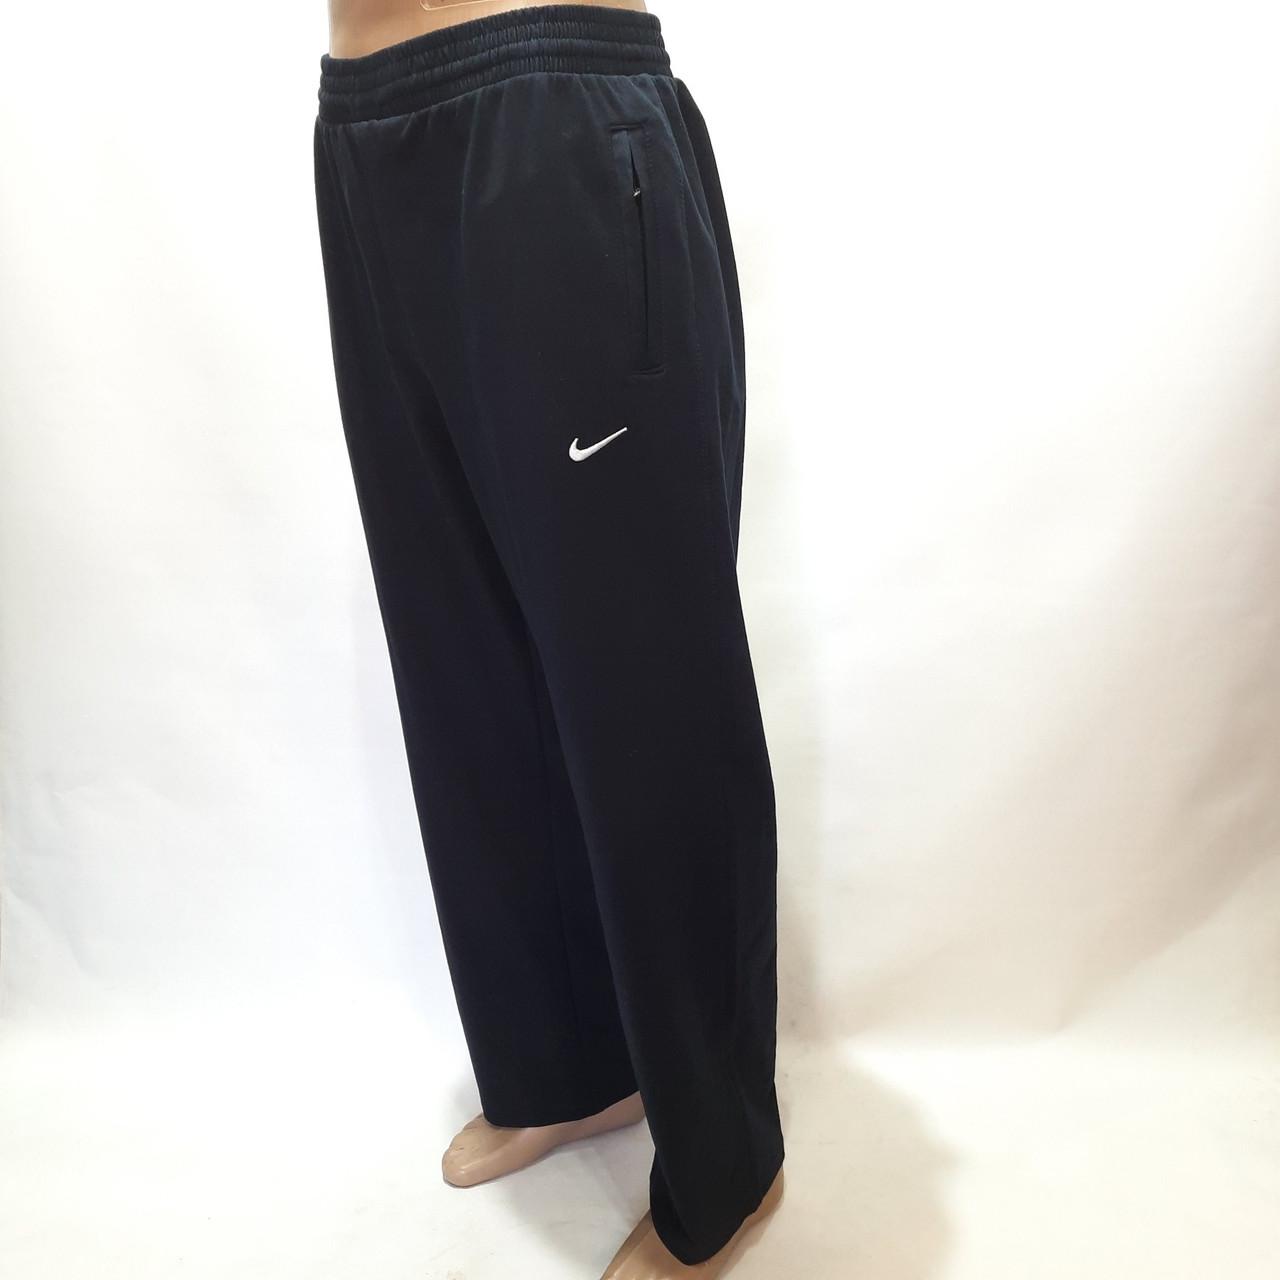 Спортивные штаны прямые в стиле Nike (Больших размеров) 56,58,60,64 отличного качества черные